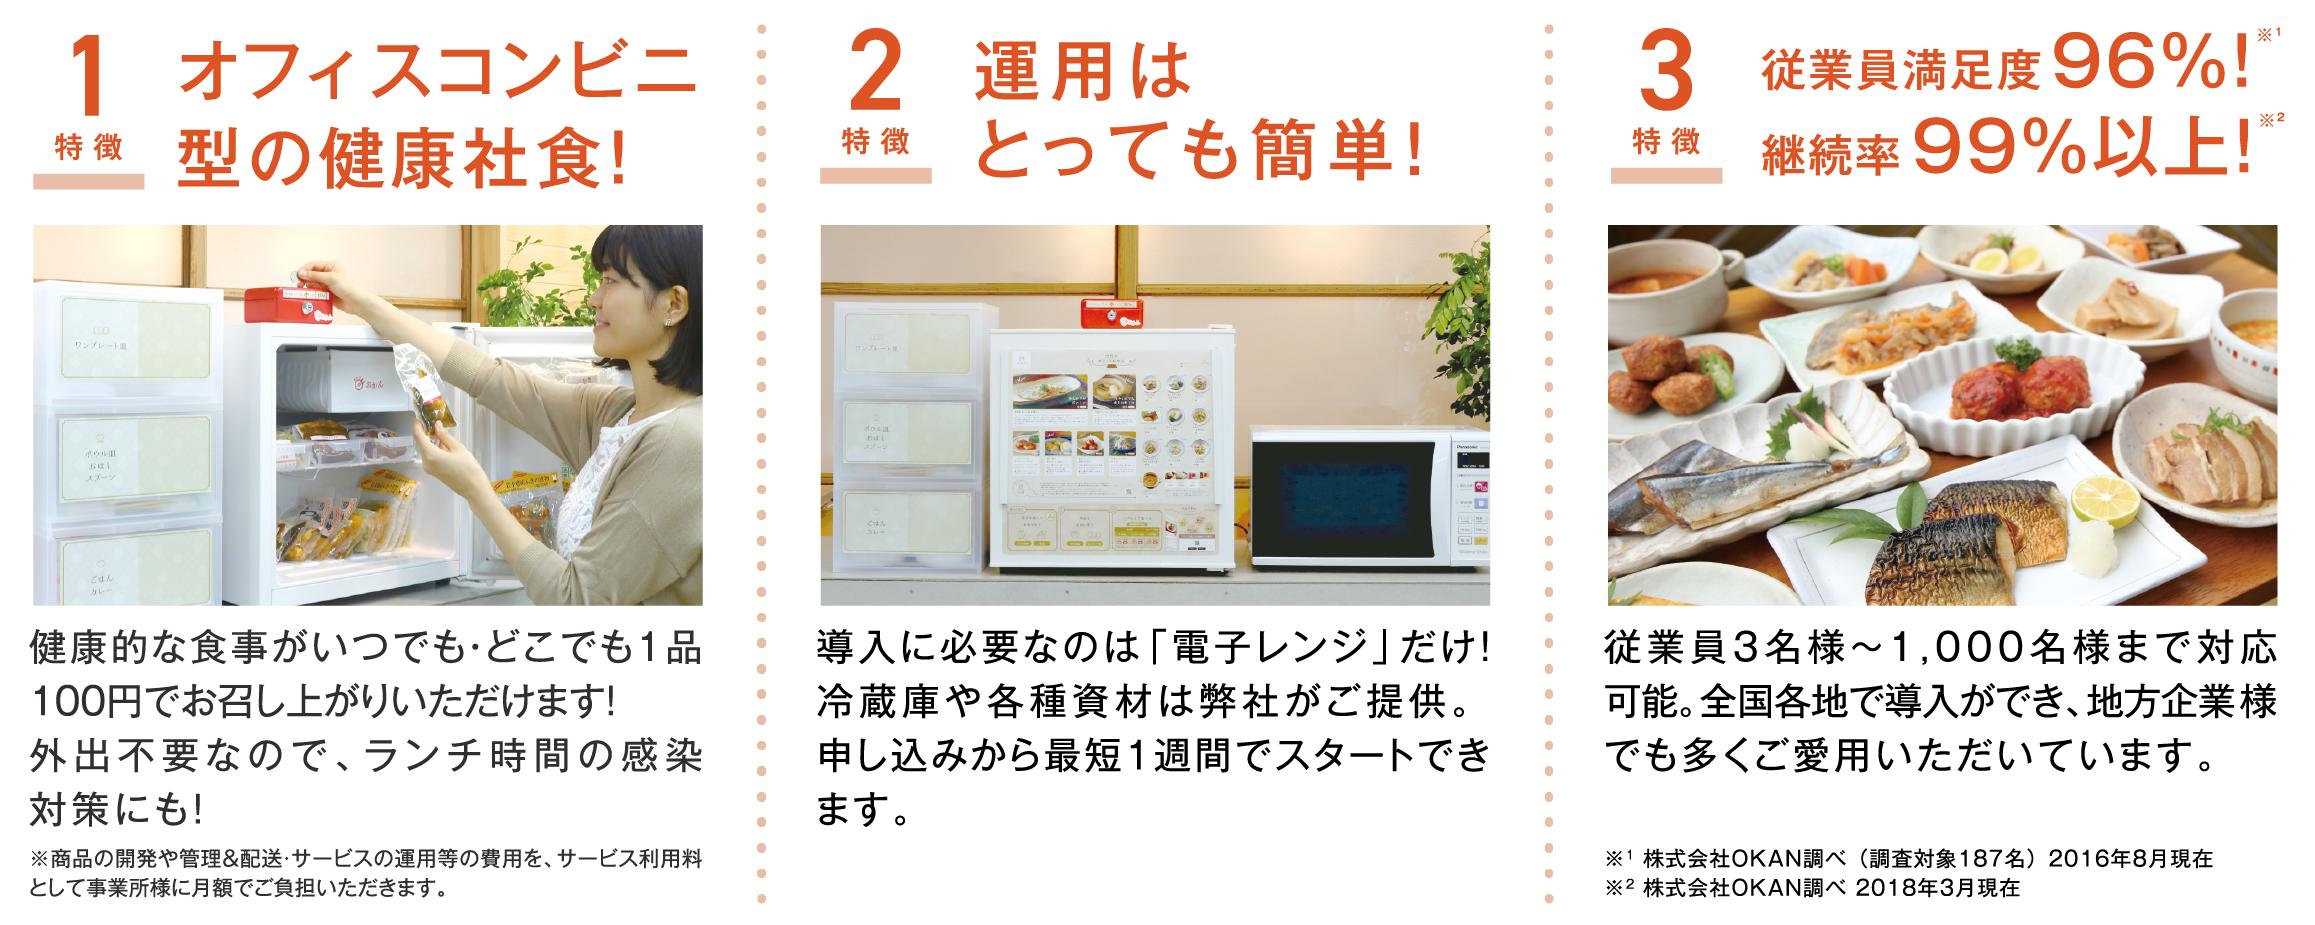 オフィスおかん サービス紹介 - 医療DXツール.com